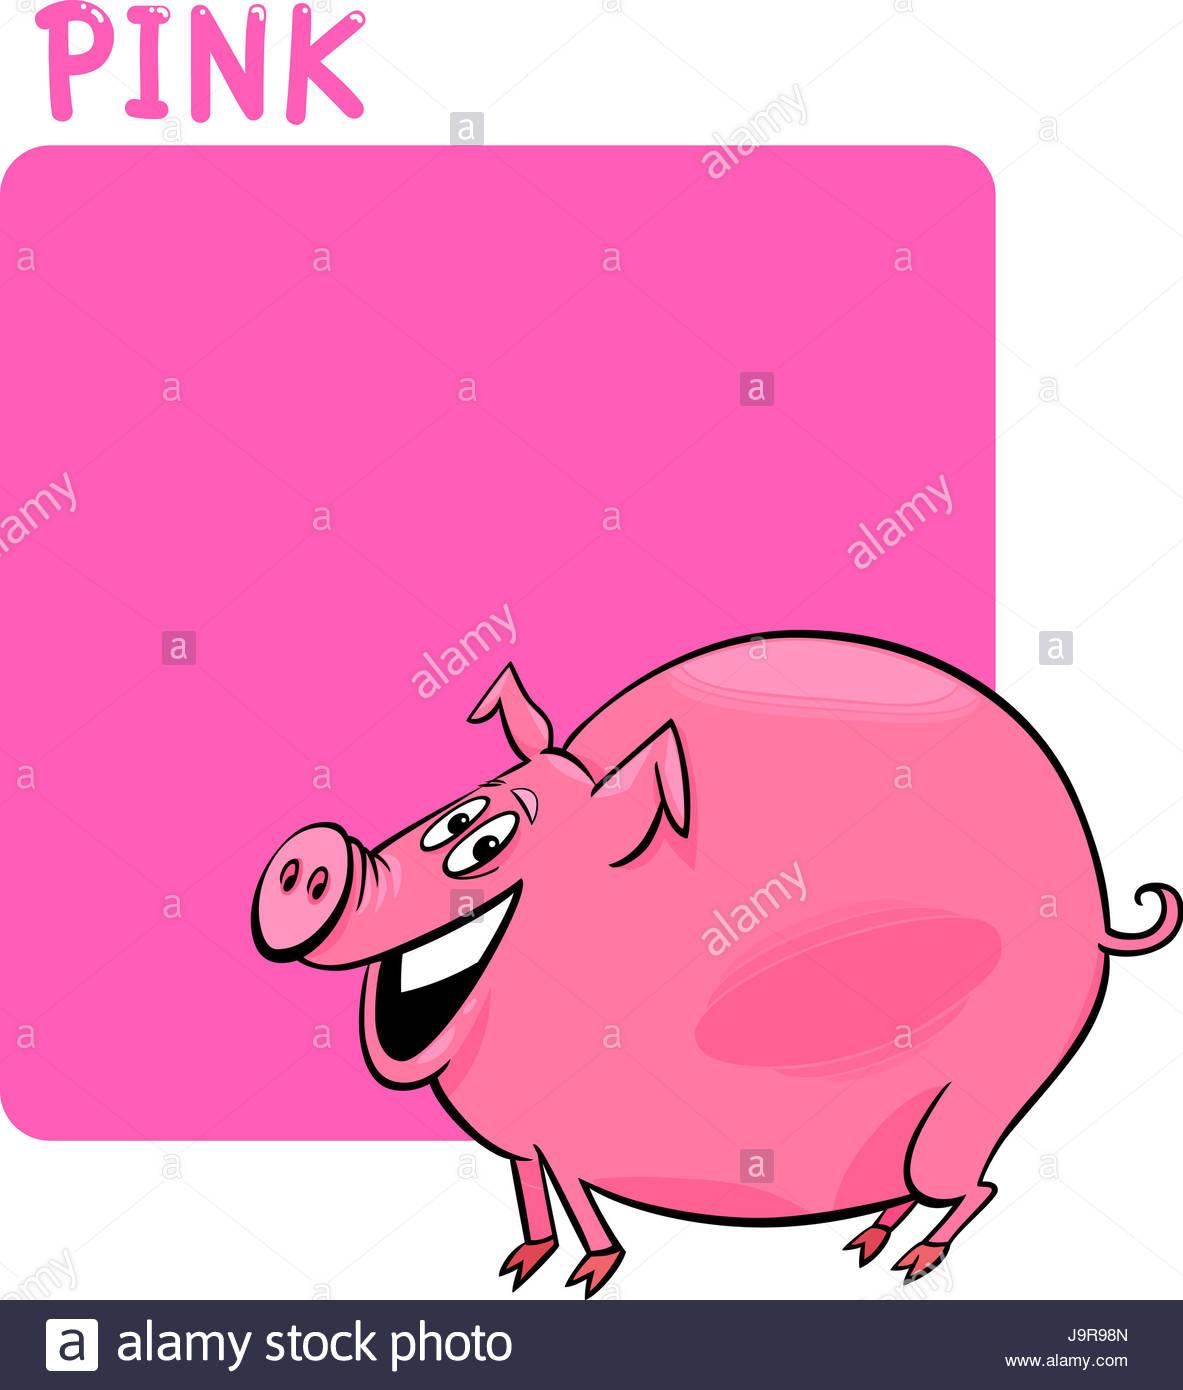 L'éducation, De La Couleur, Illustration, Dessin, Couleur concernant Dessin De Cochon En Couleur